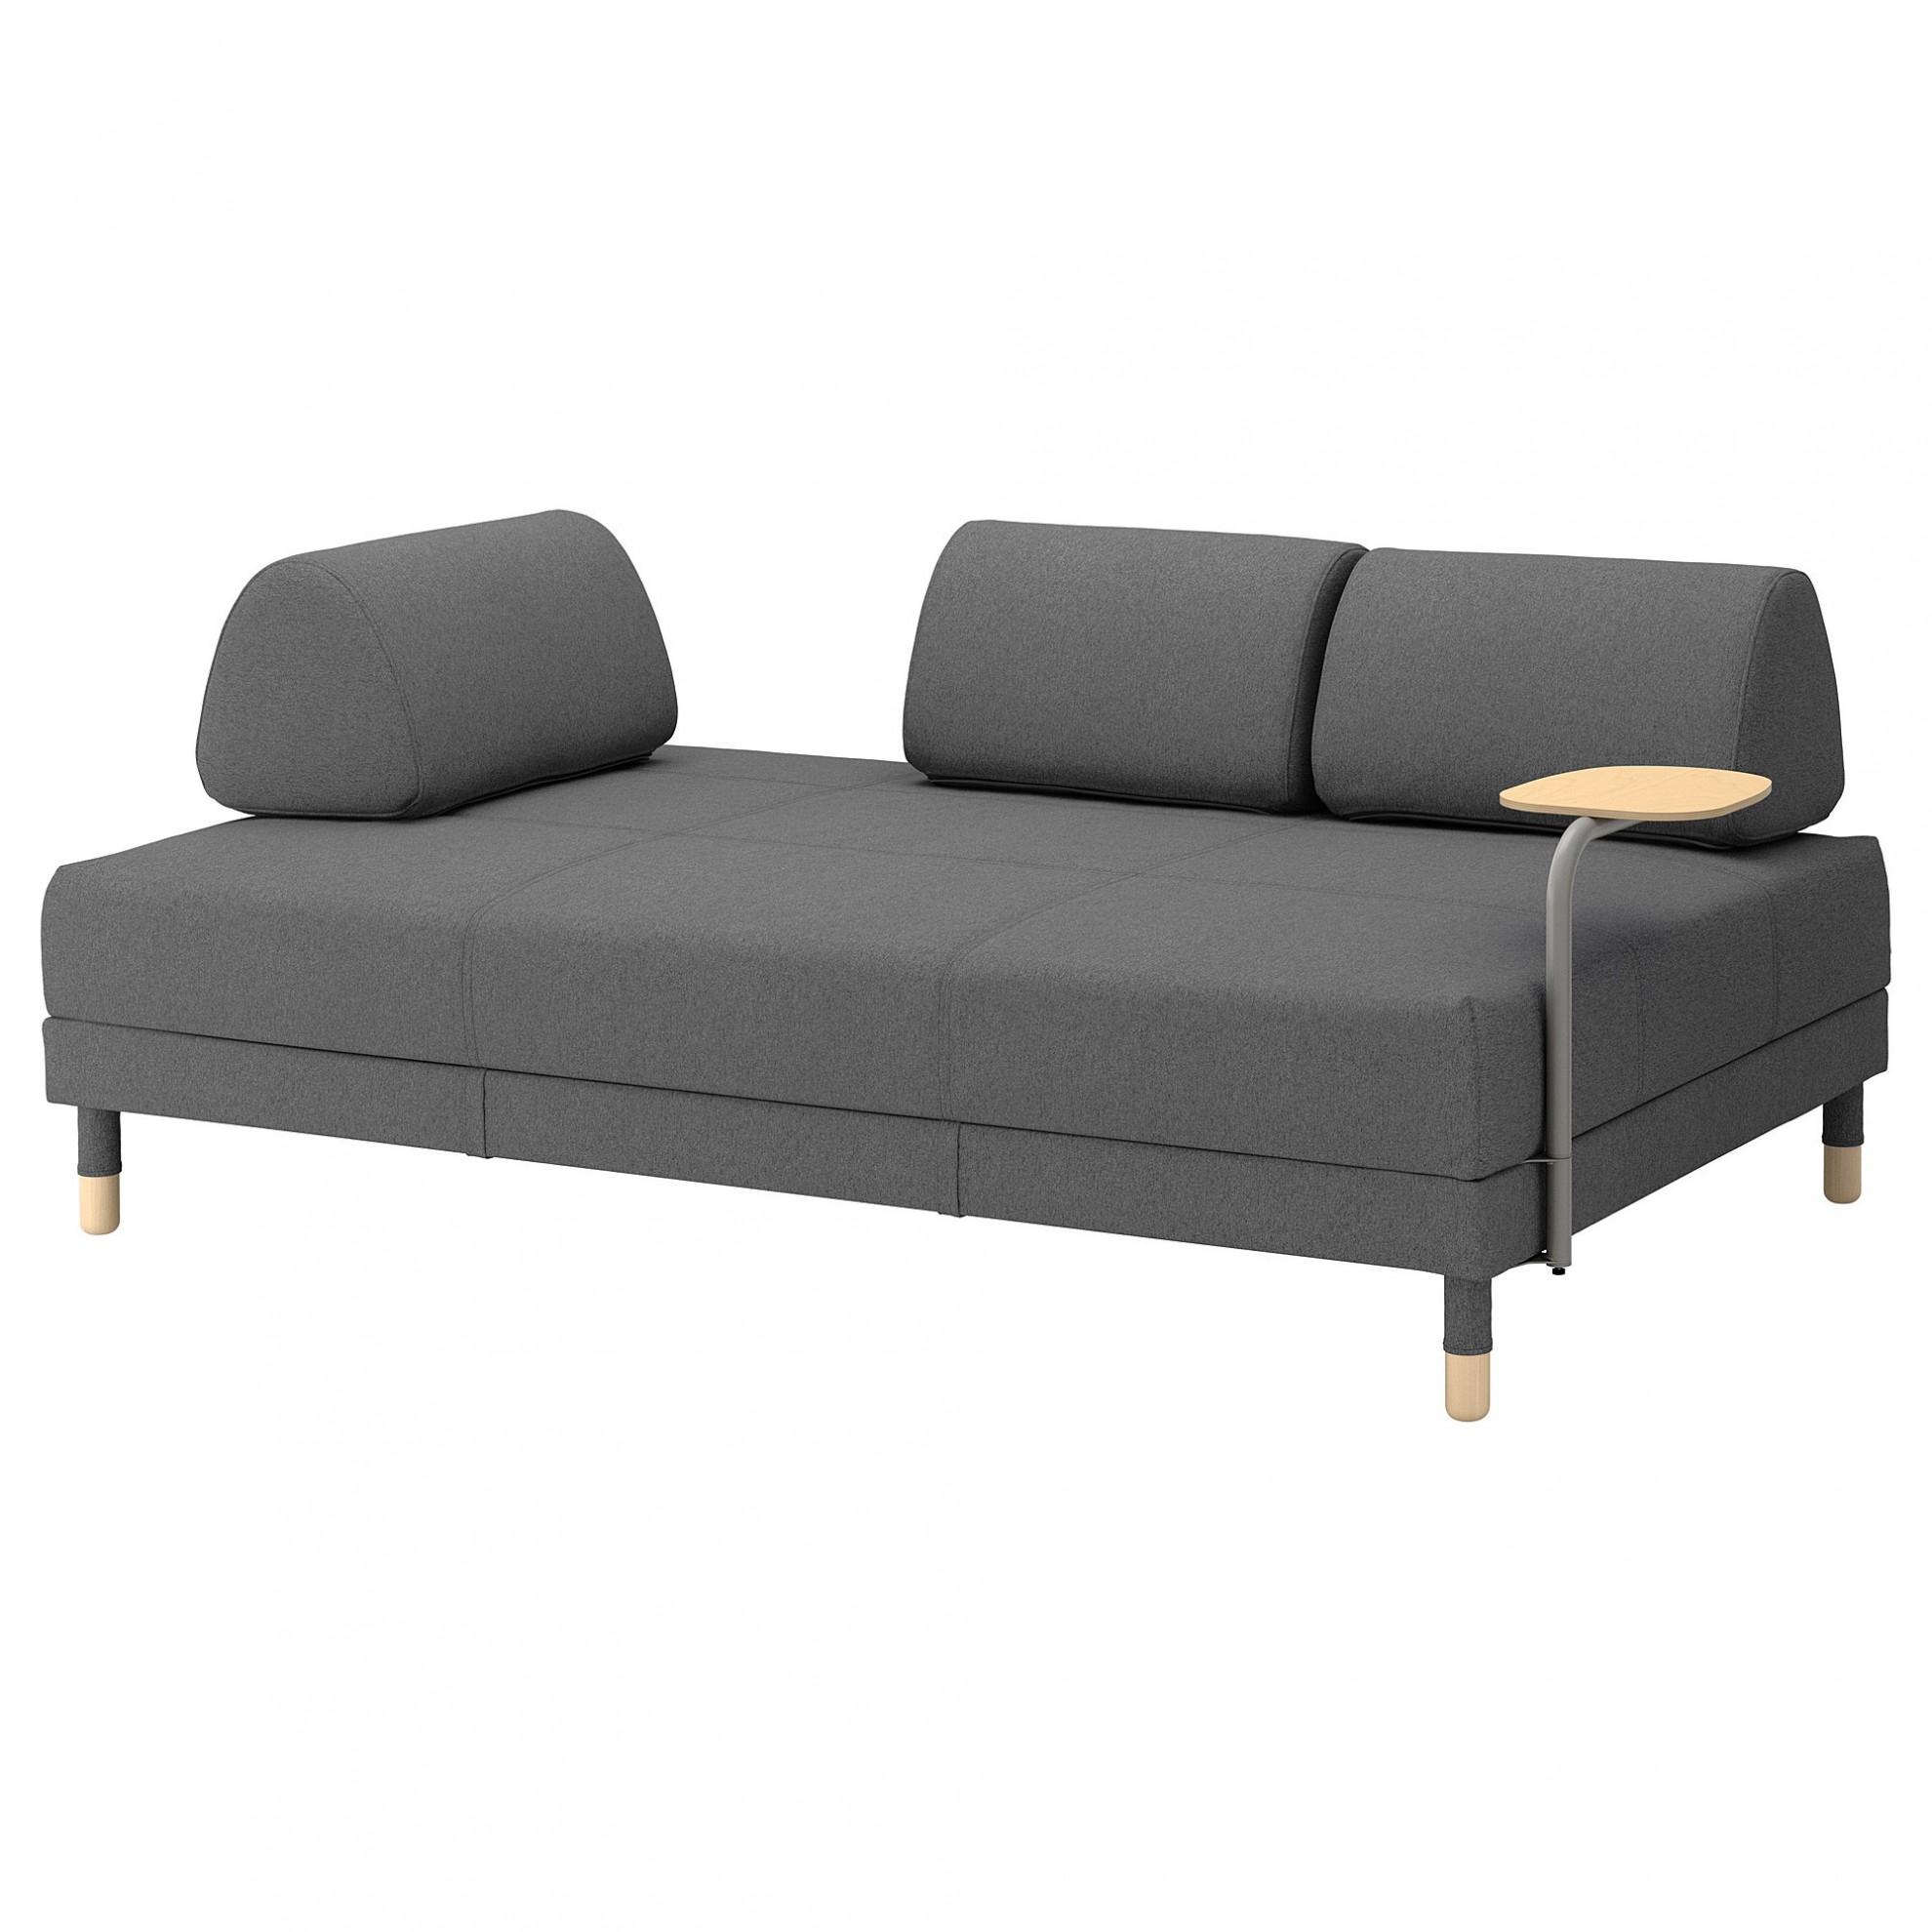 Canapé Cuir Convertible Ikea Luxe Galerie Lesmeubles Housse De Canapé Bz Lesmeubles